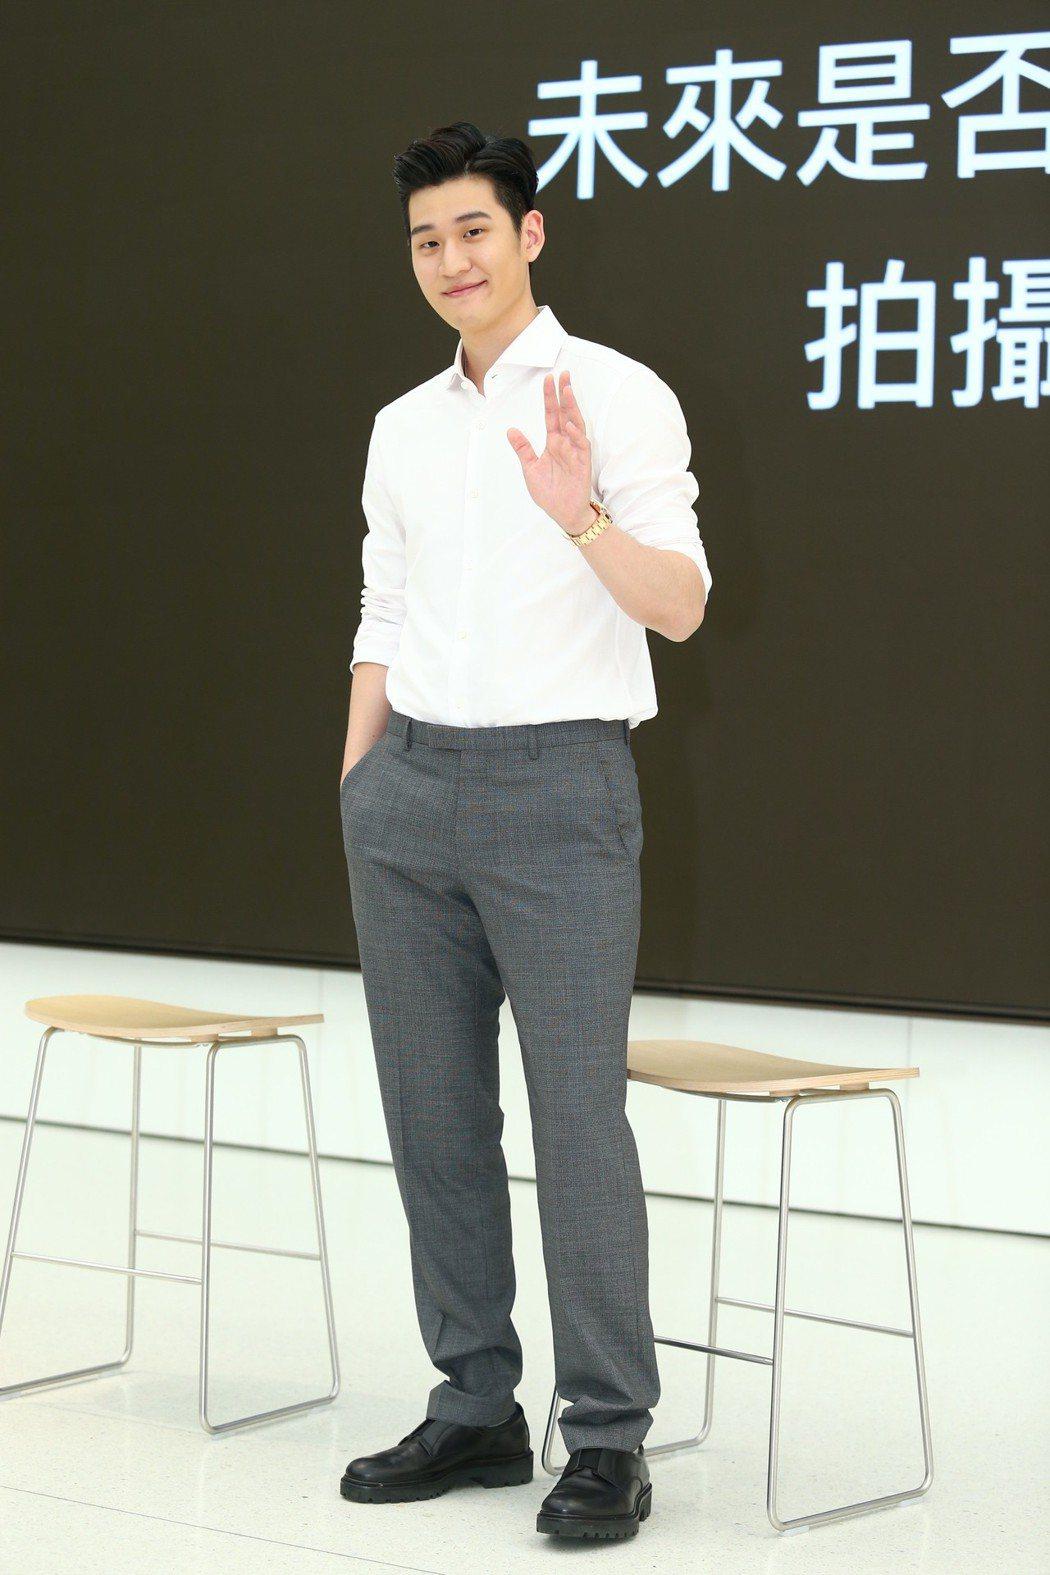 歌手周興哲上午在apple旗艦店發表新歌「終於了解自由」MV。記者王騰毅/攝影